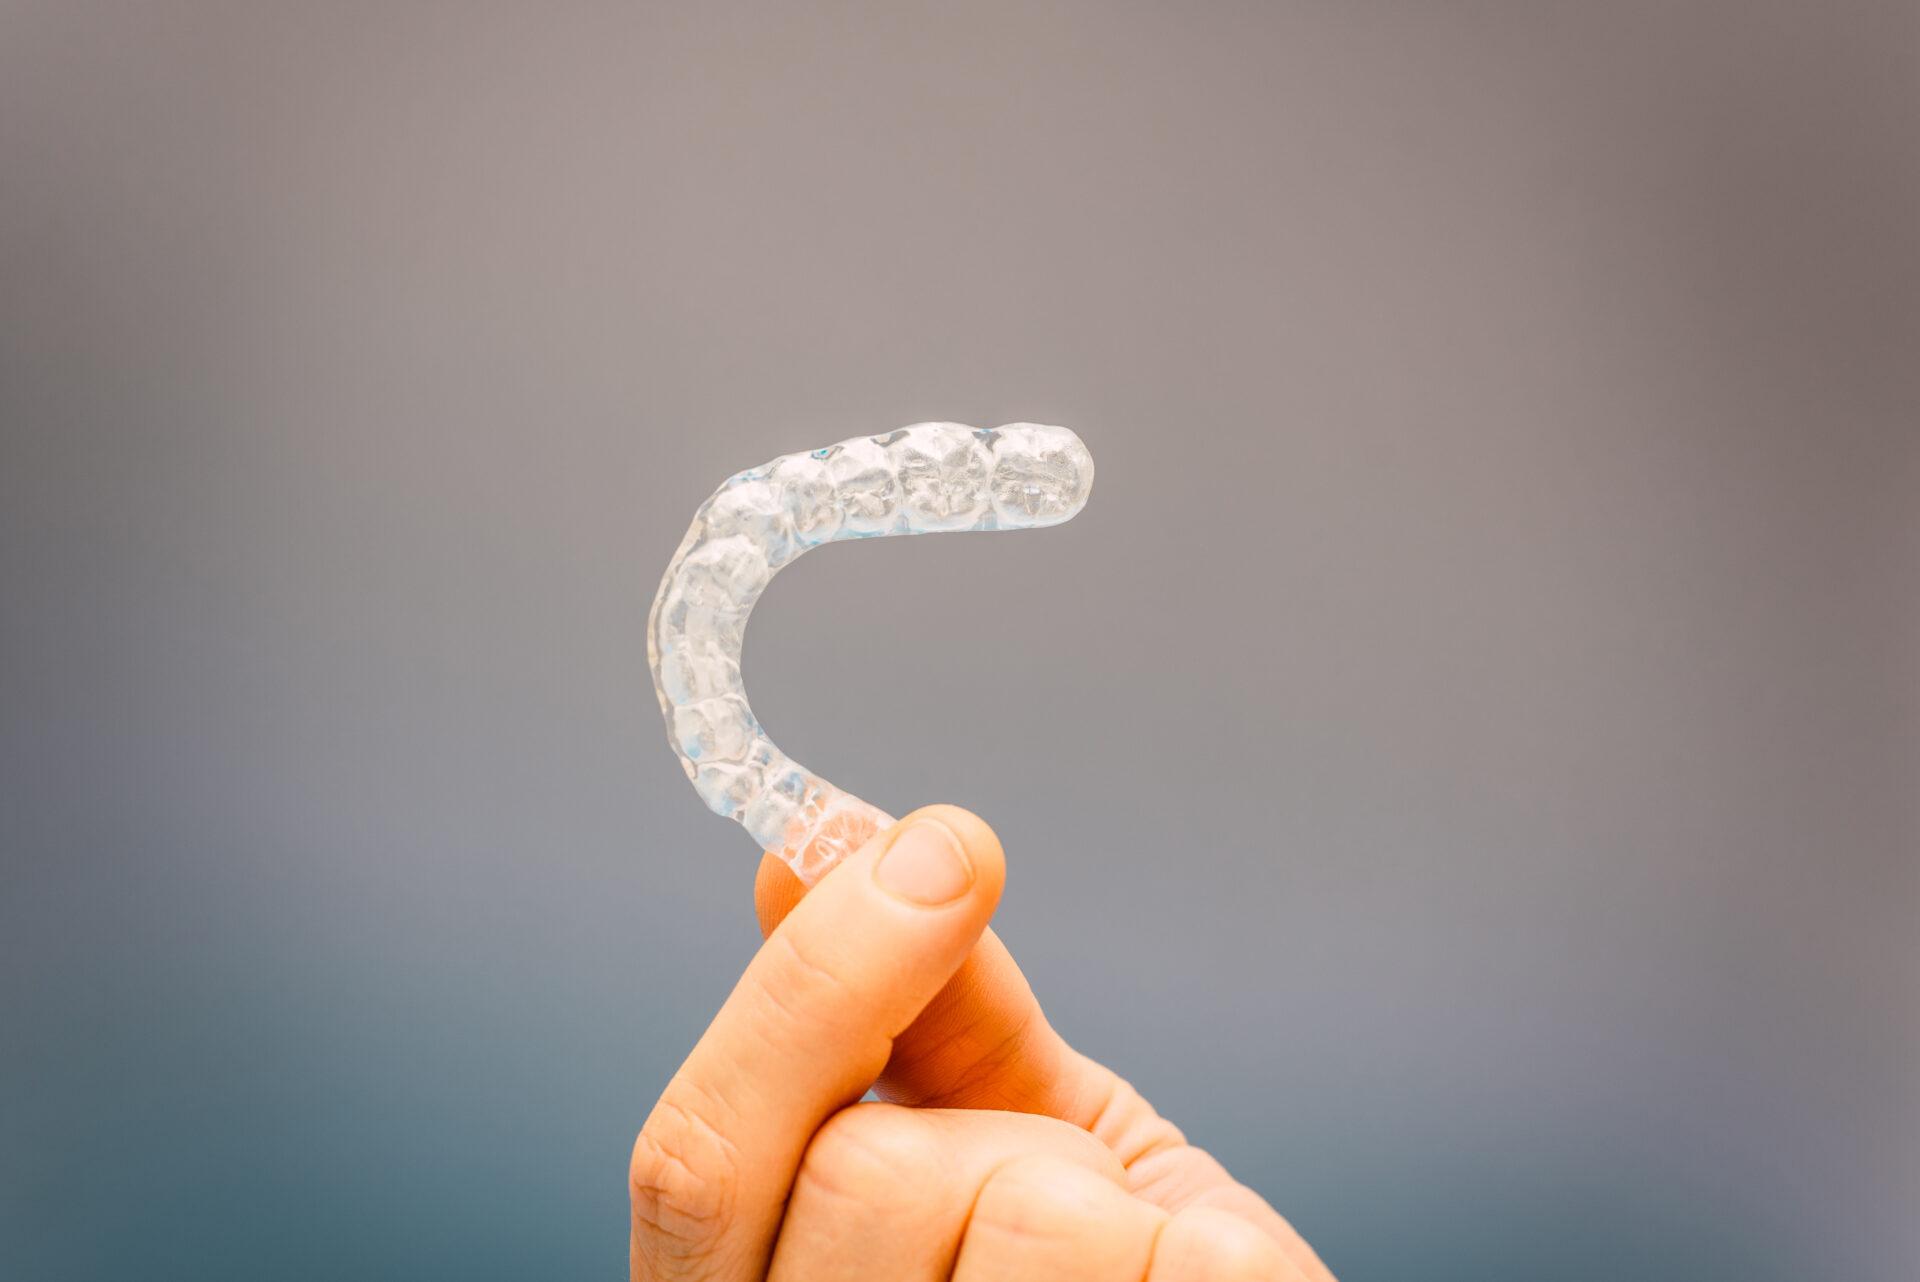 ナイトガードで歯ぎしりからインプラントを守れます